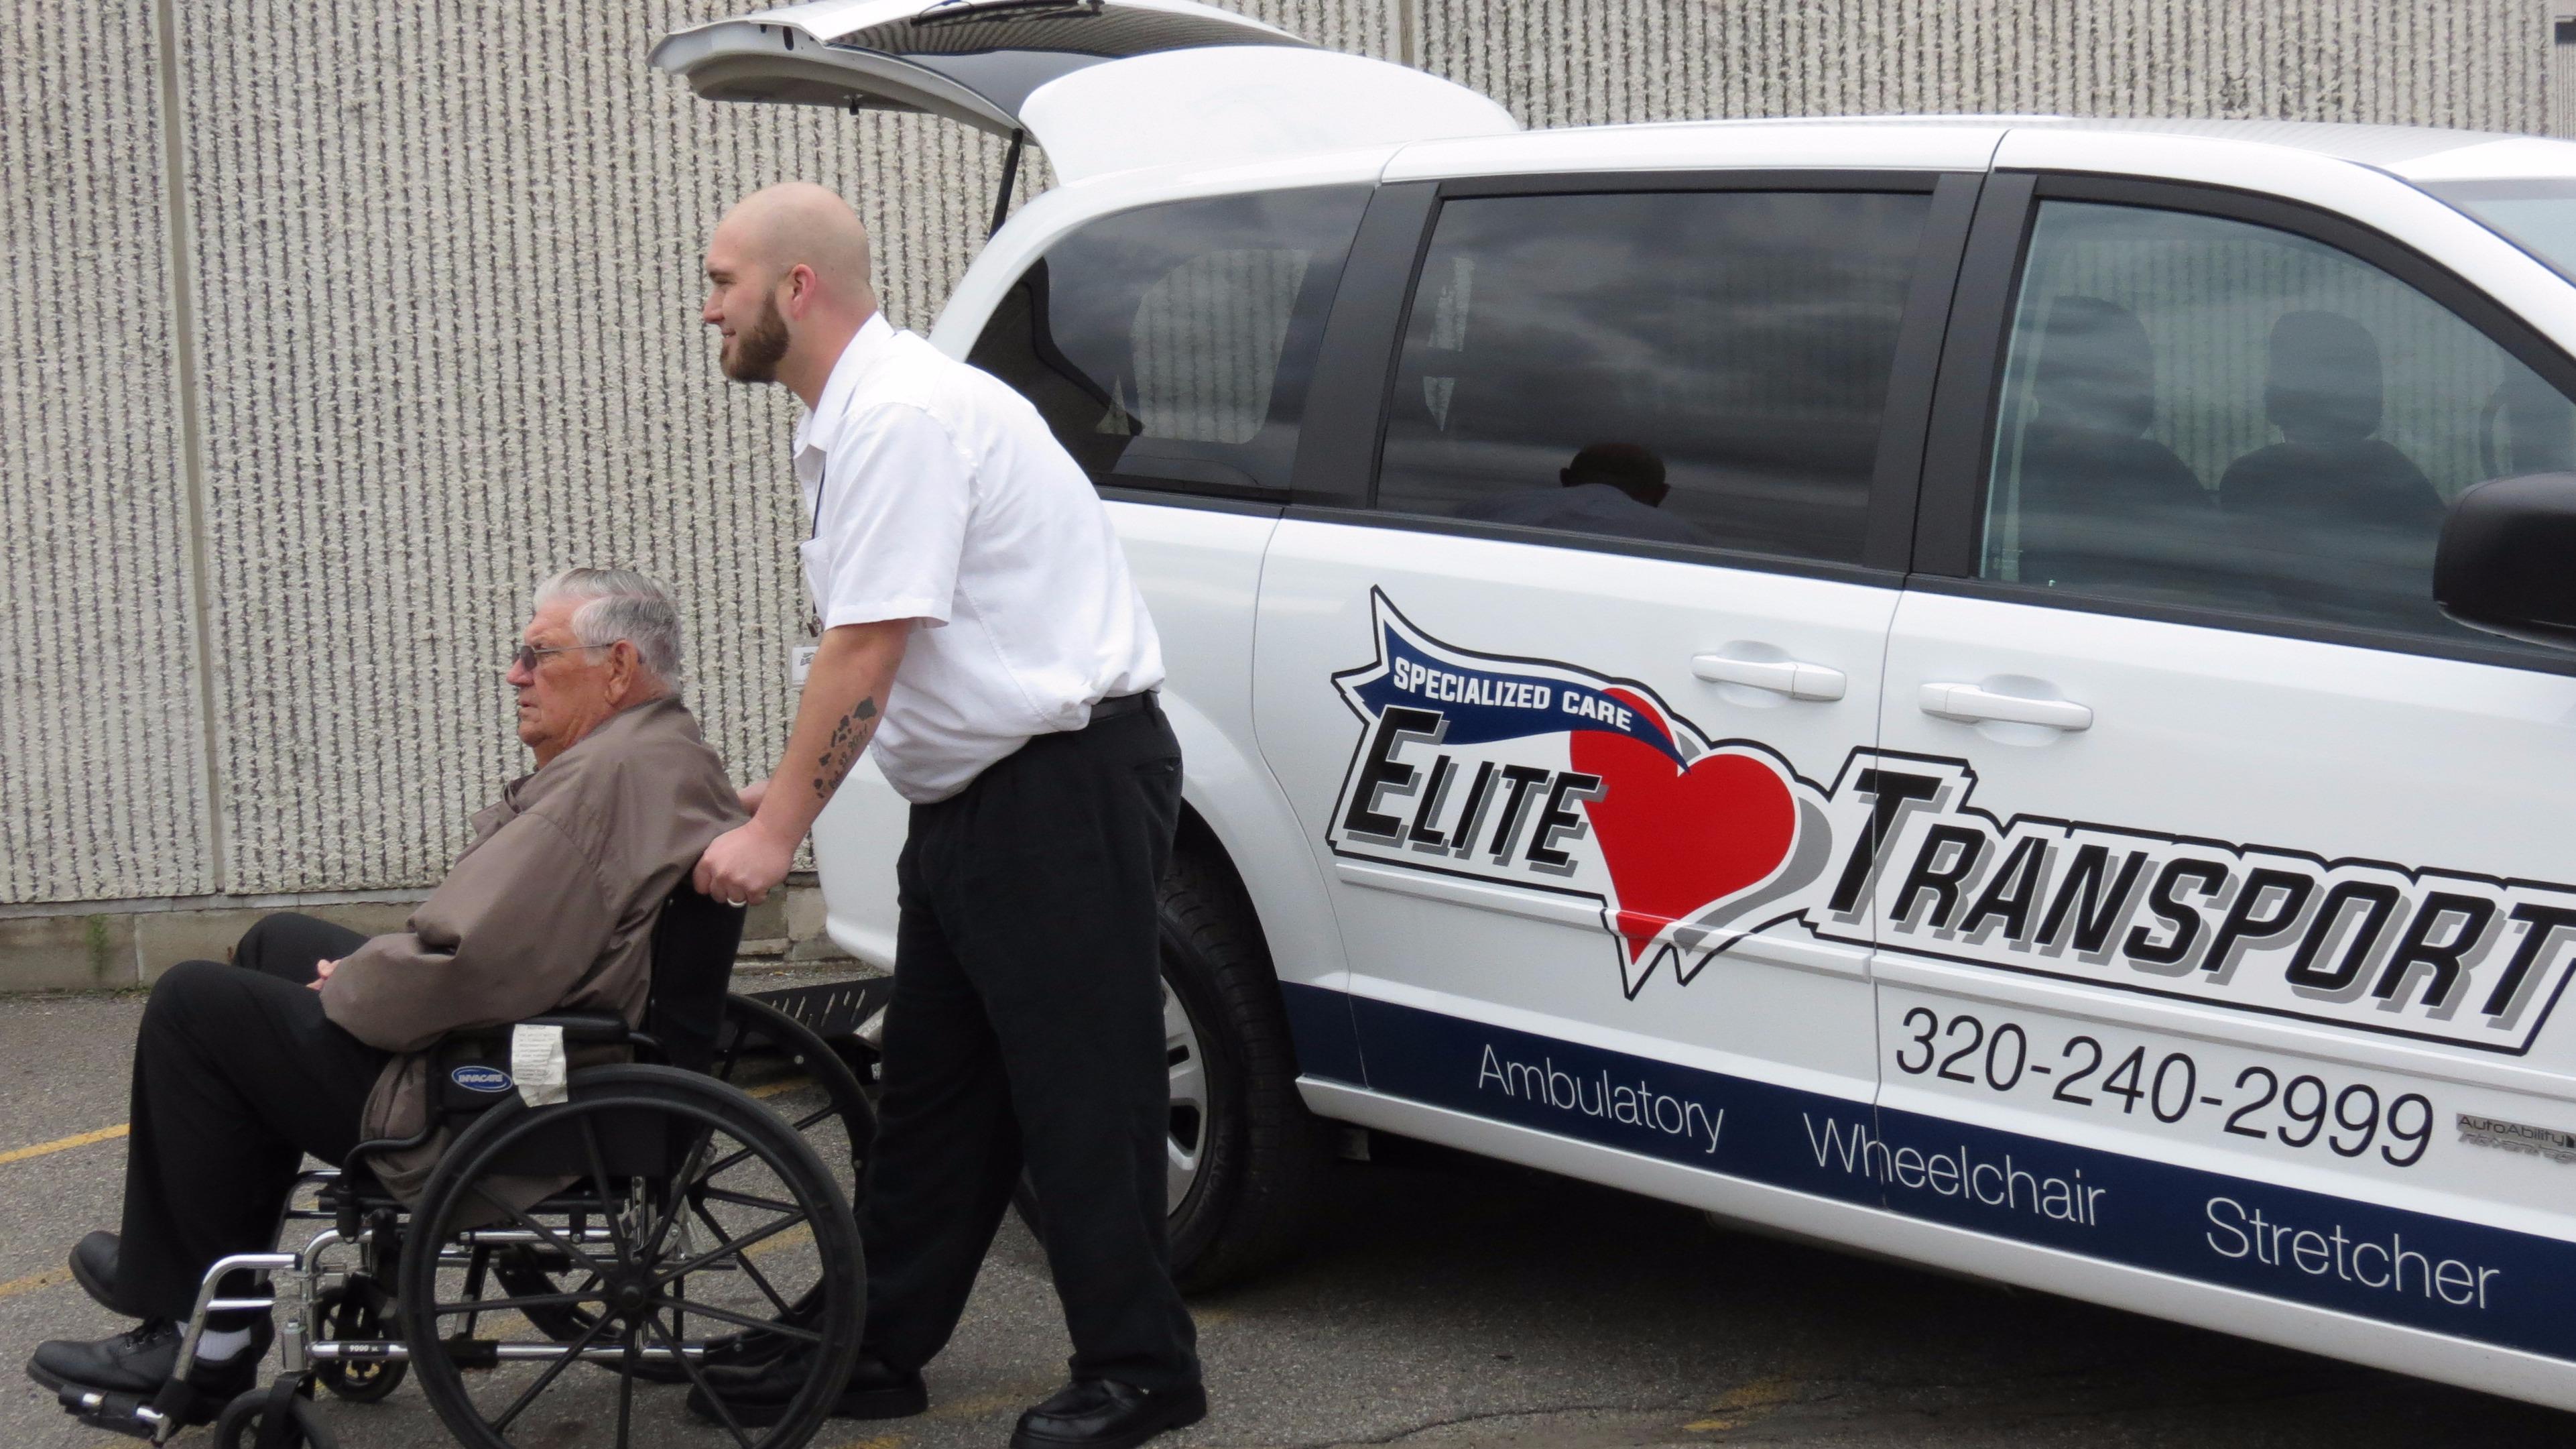 medical transportation saint cloud mn elite taxi. Black Bedroom Furniture Sets. Home Design Ideas